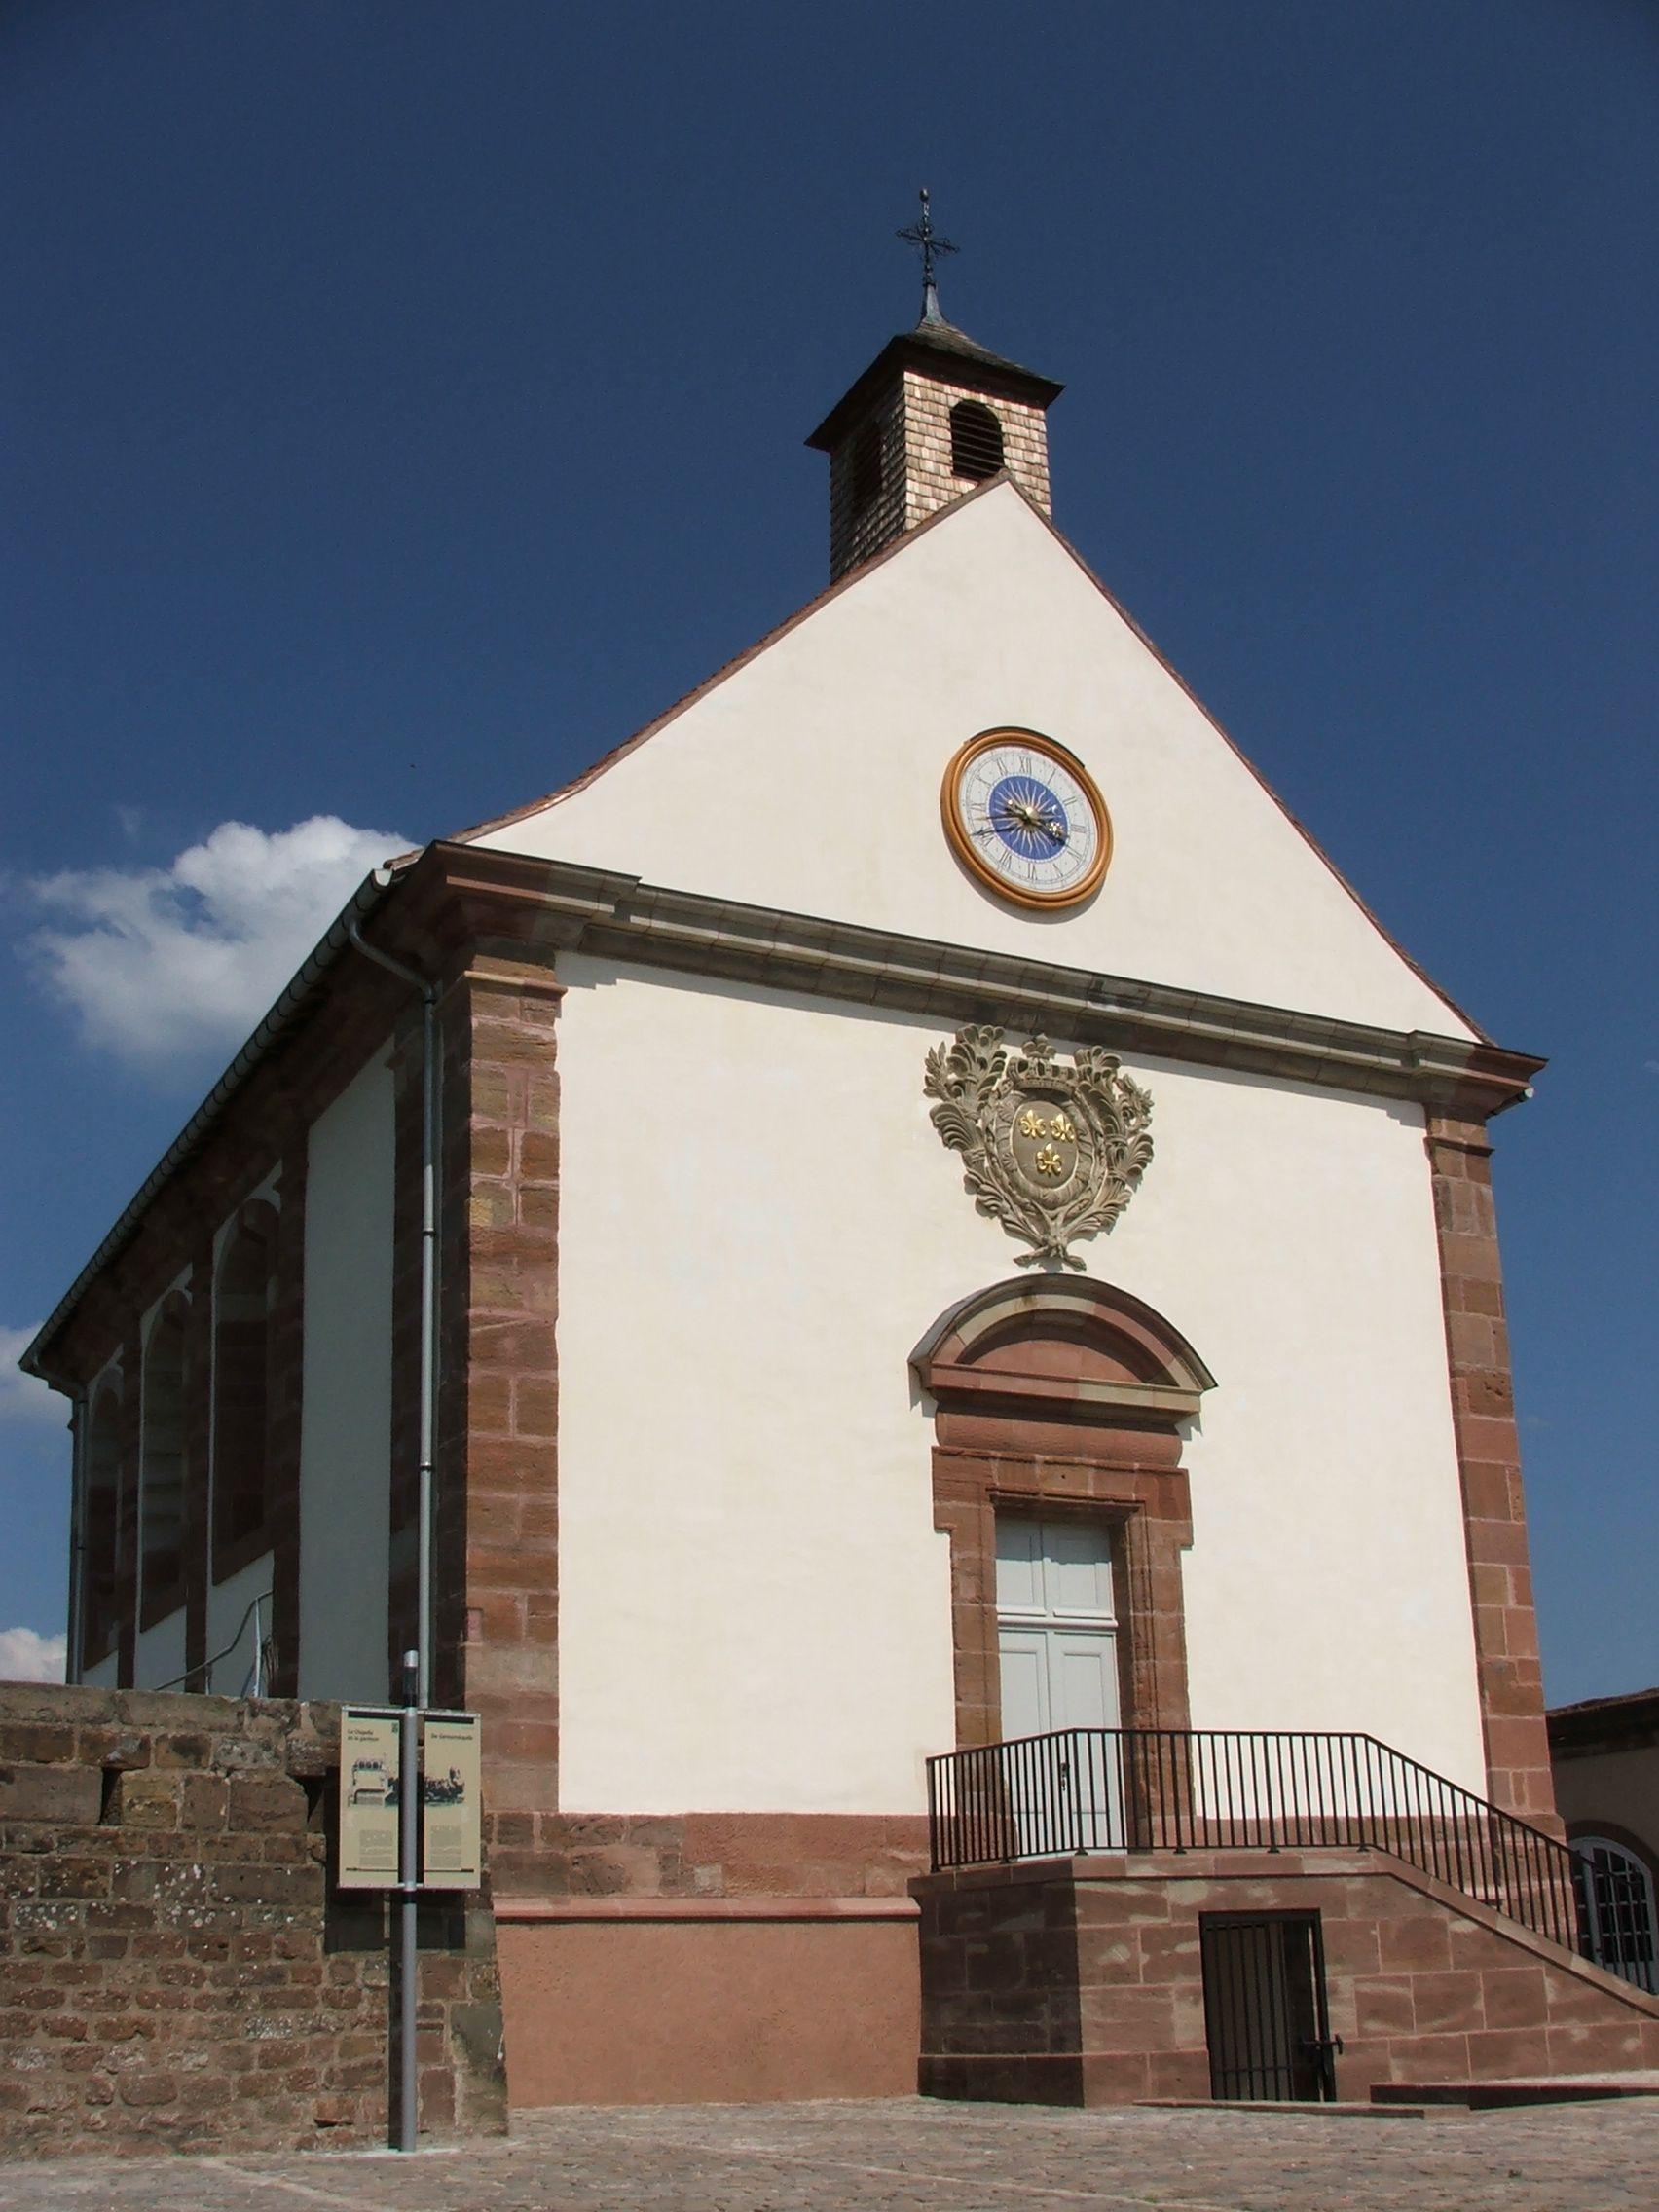 VISITE COMMENTEE - GUIDEE HISTORIQUE DE LA CITADELLE